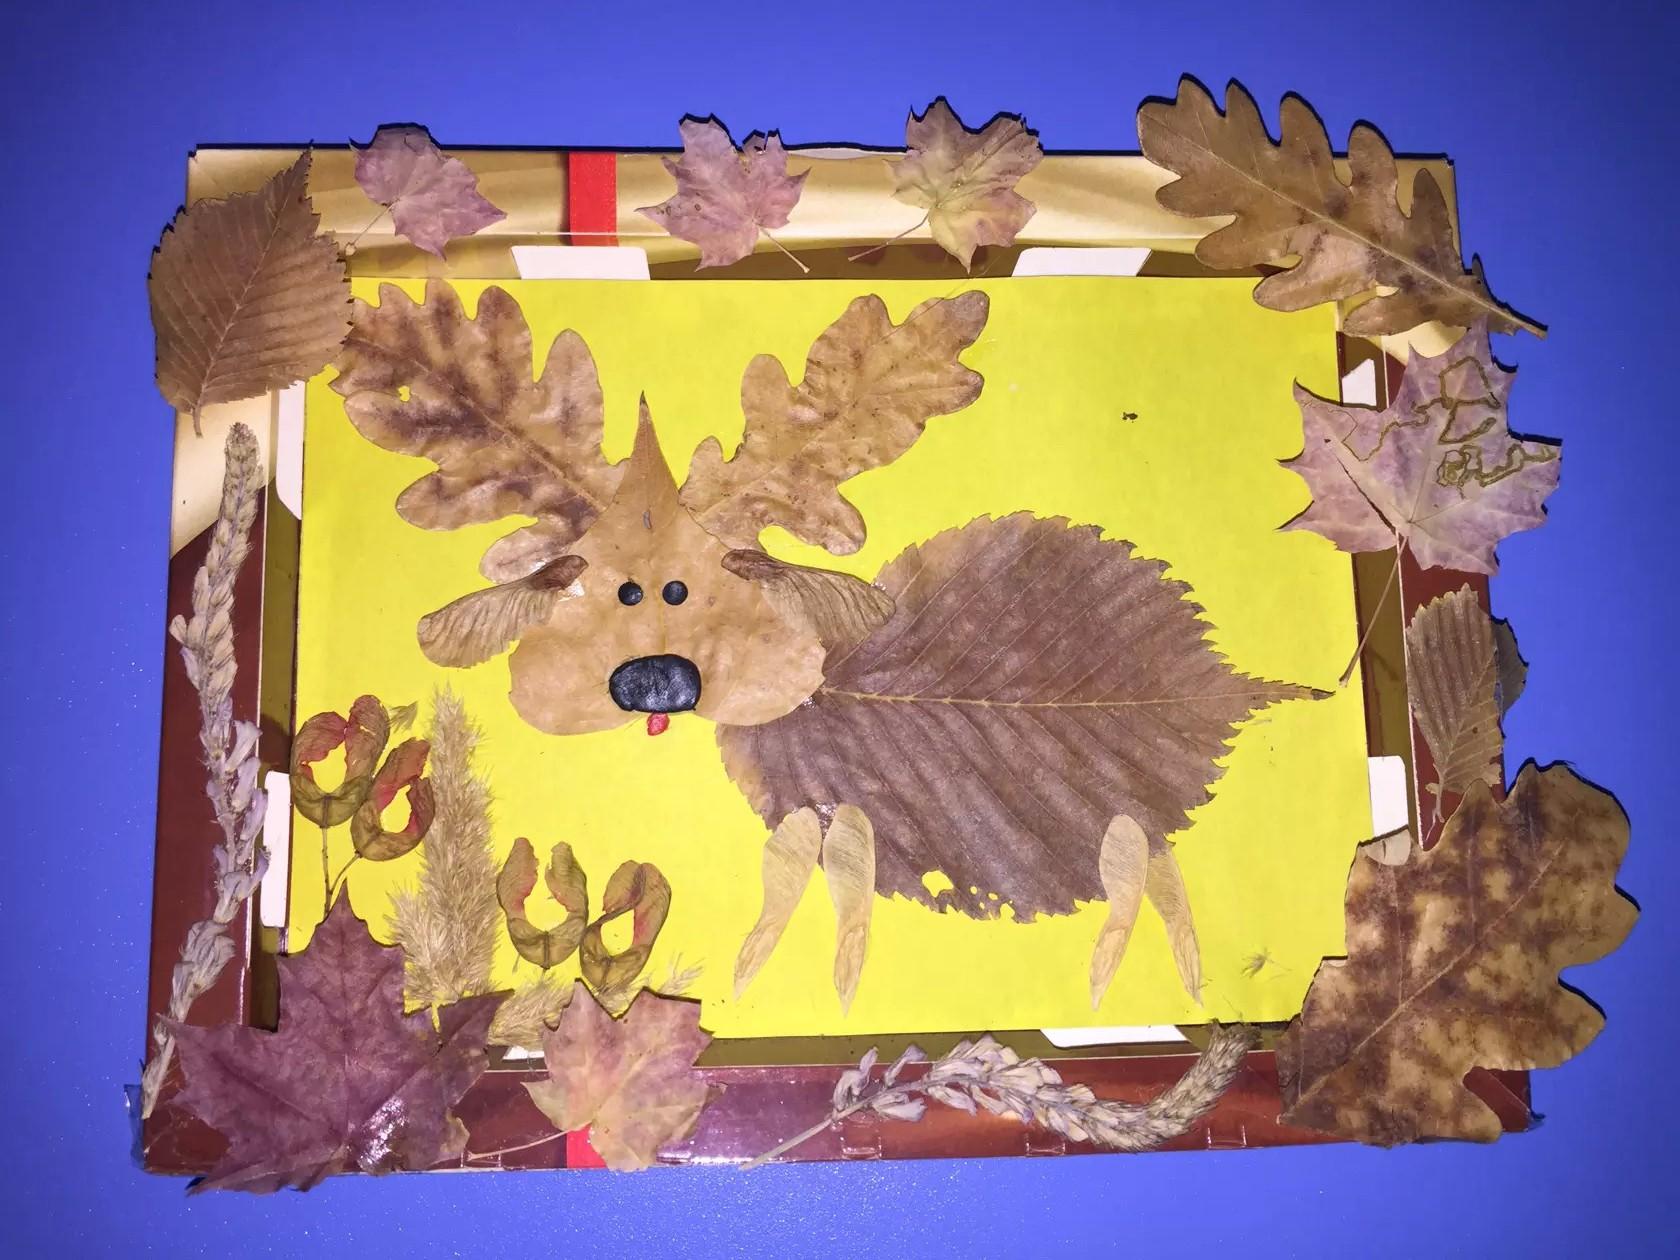 Открытка своими руками из природных материалов - листьев 68